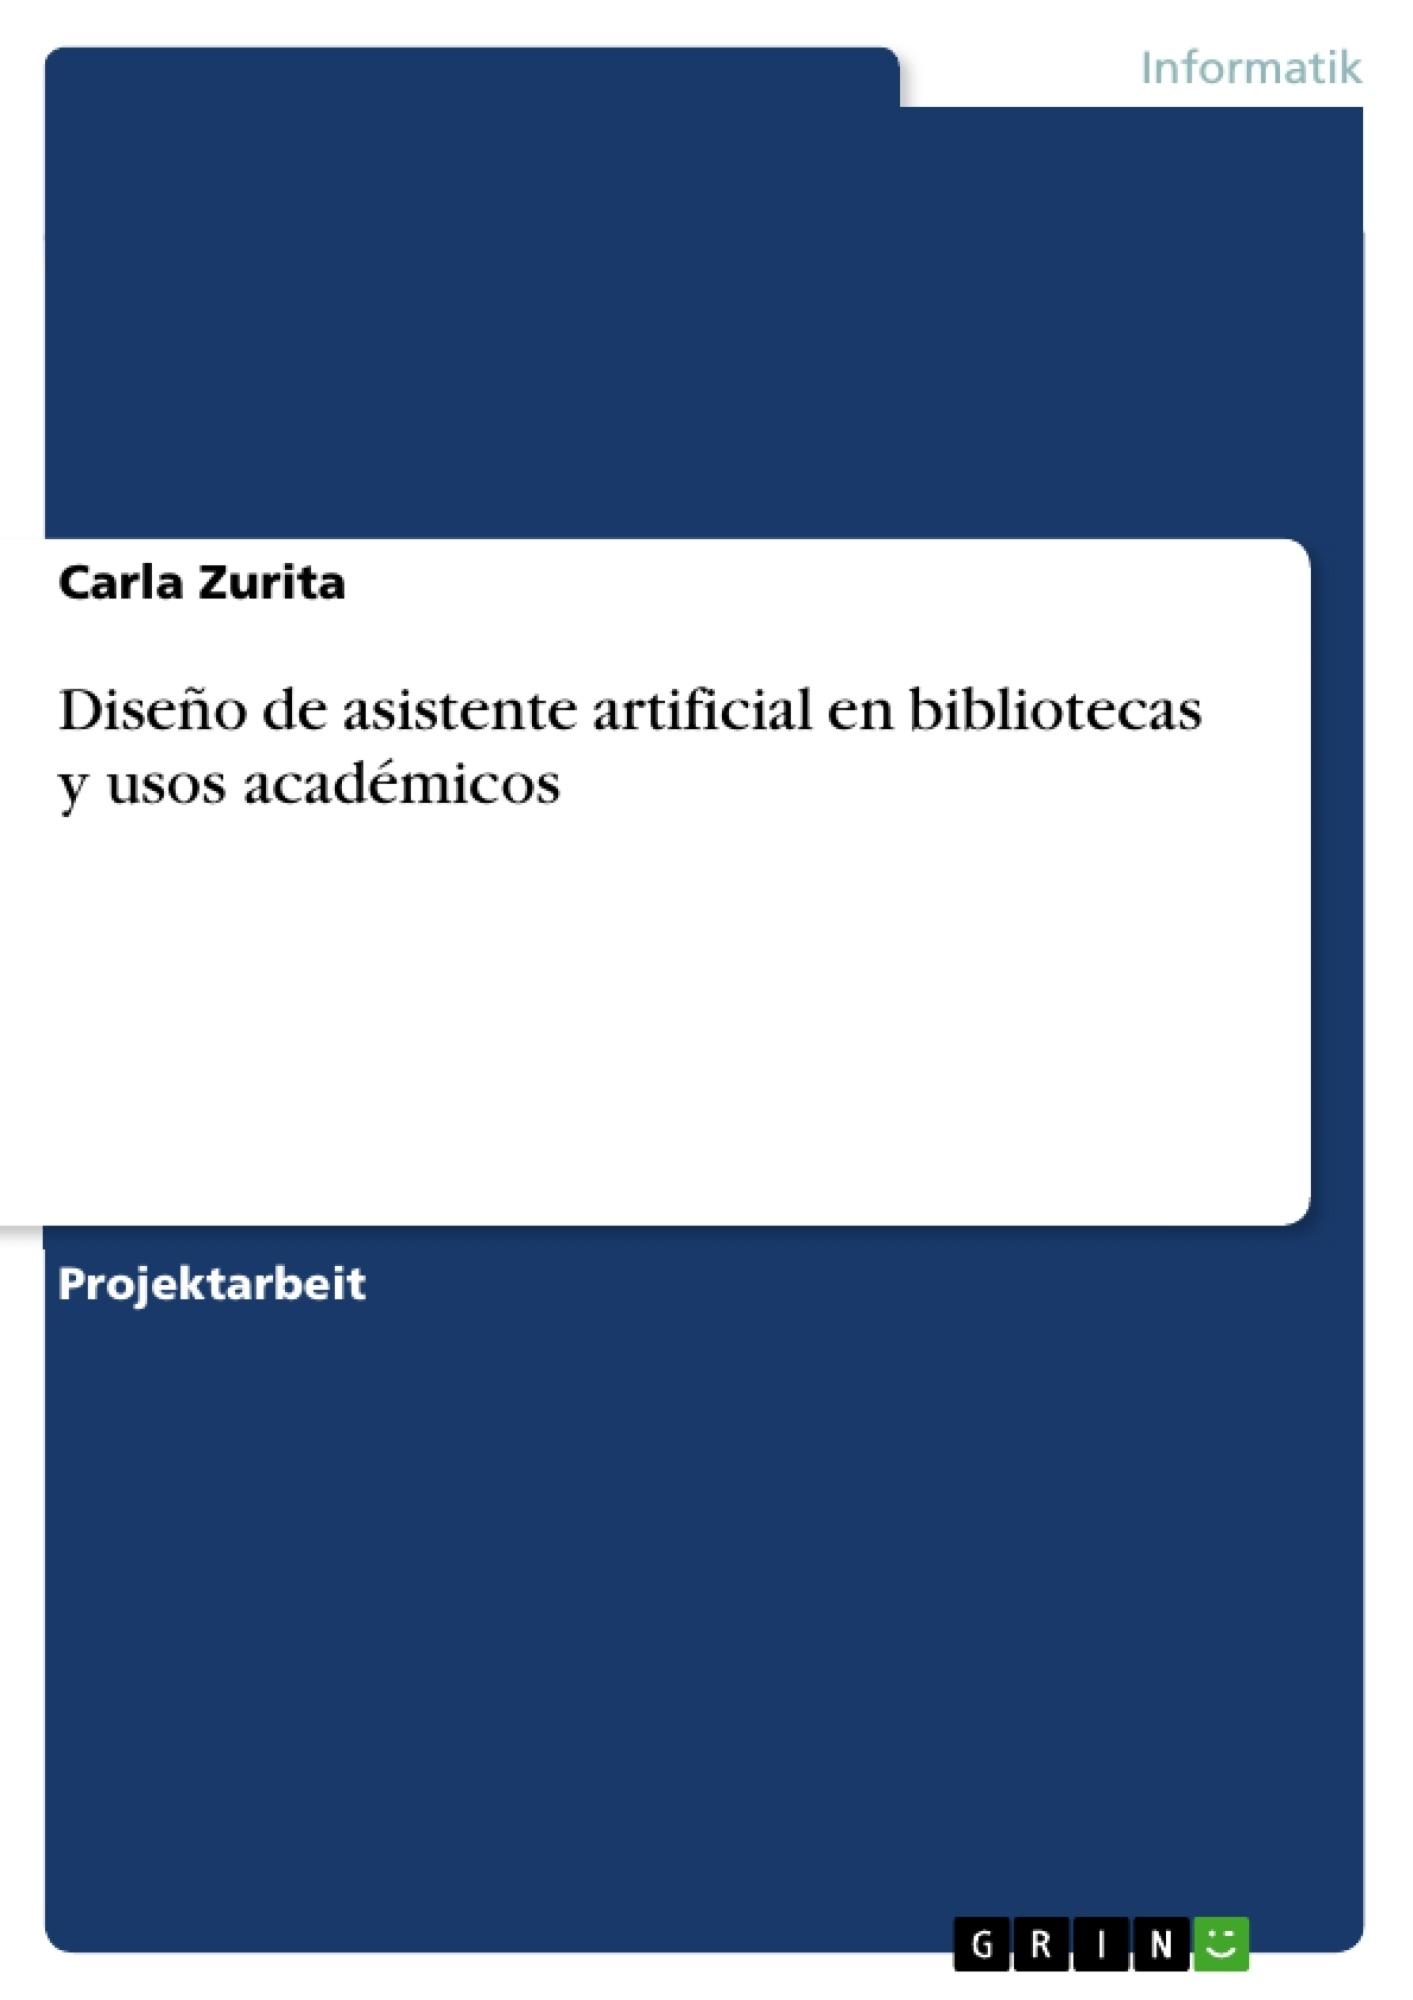 Titel: Diseño de asistente artificial en bibliotecas y usos académicos